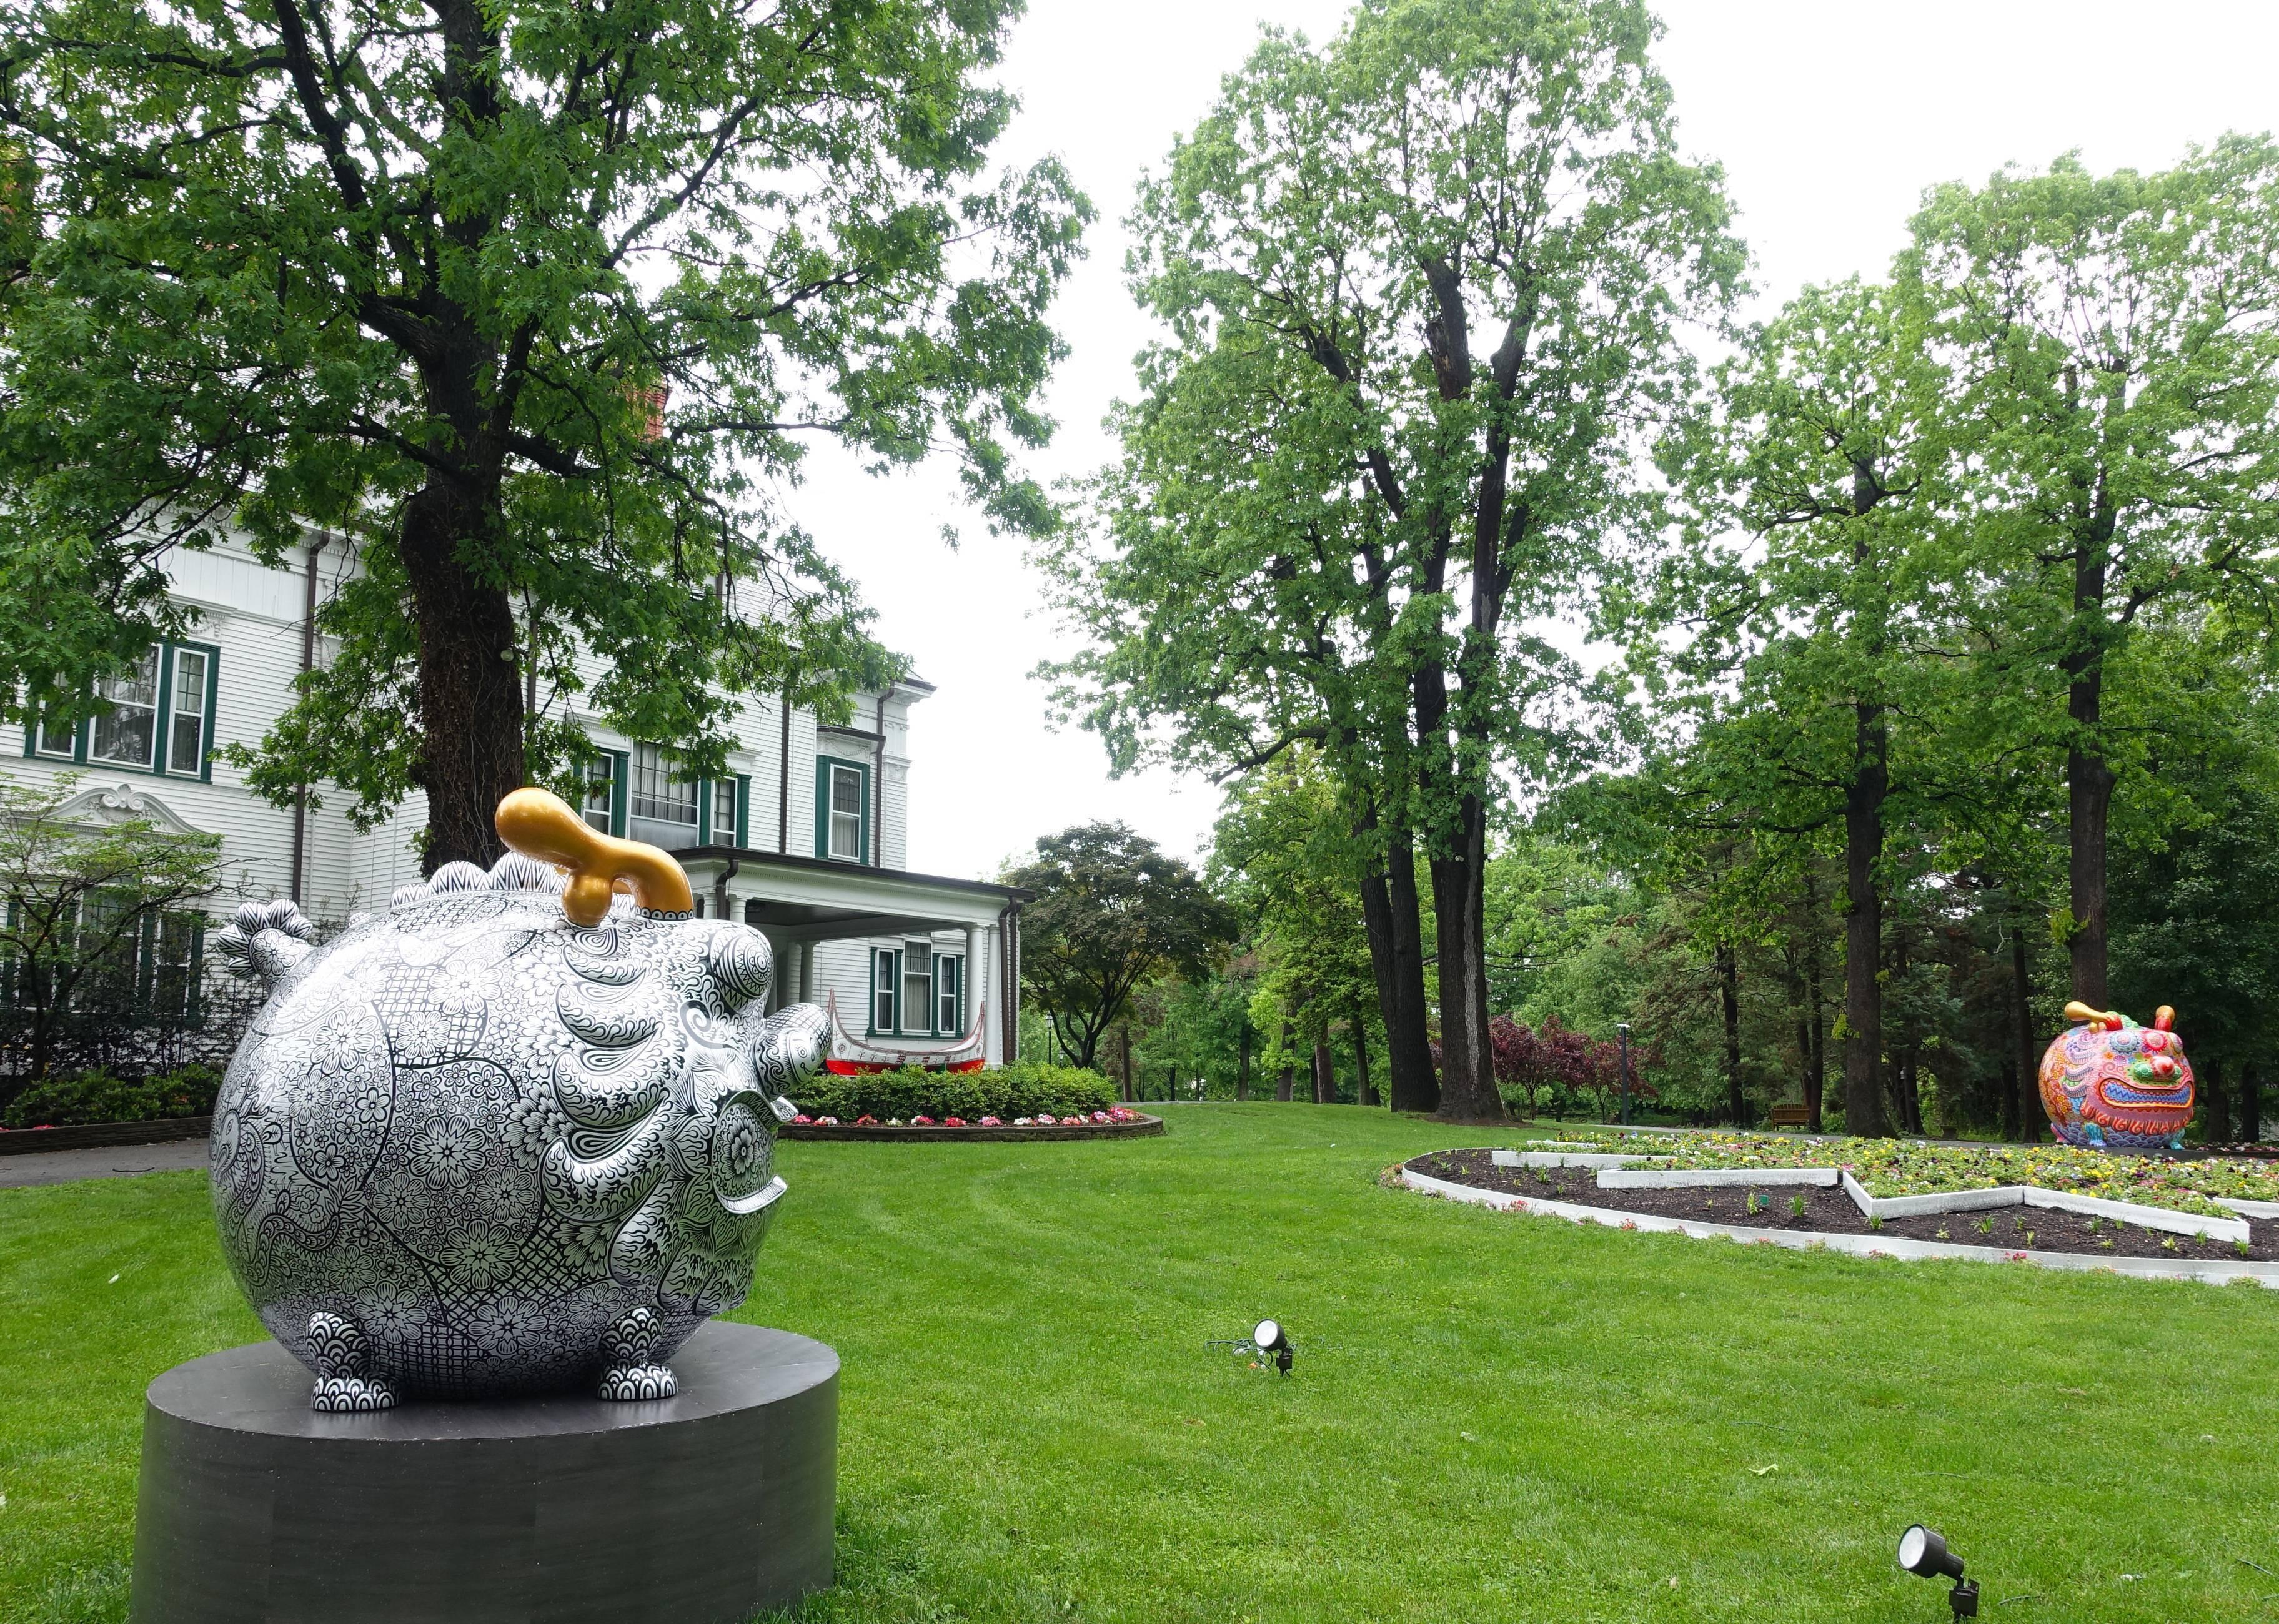 洪易圓龍裝置於華盛頓DC雙橡園。圓龍|鋼板彩繪|168x149x158cm